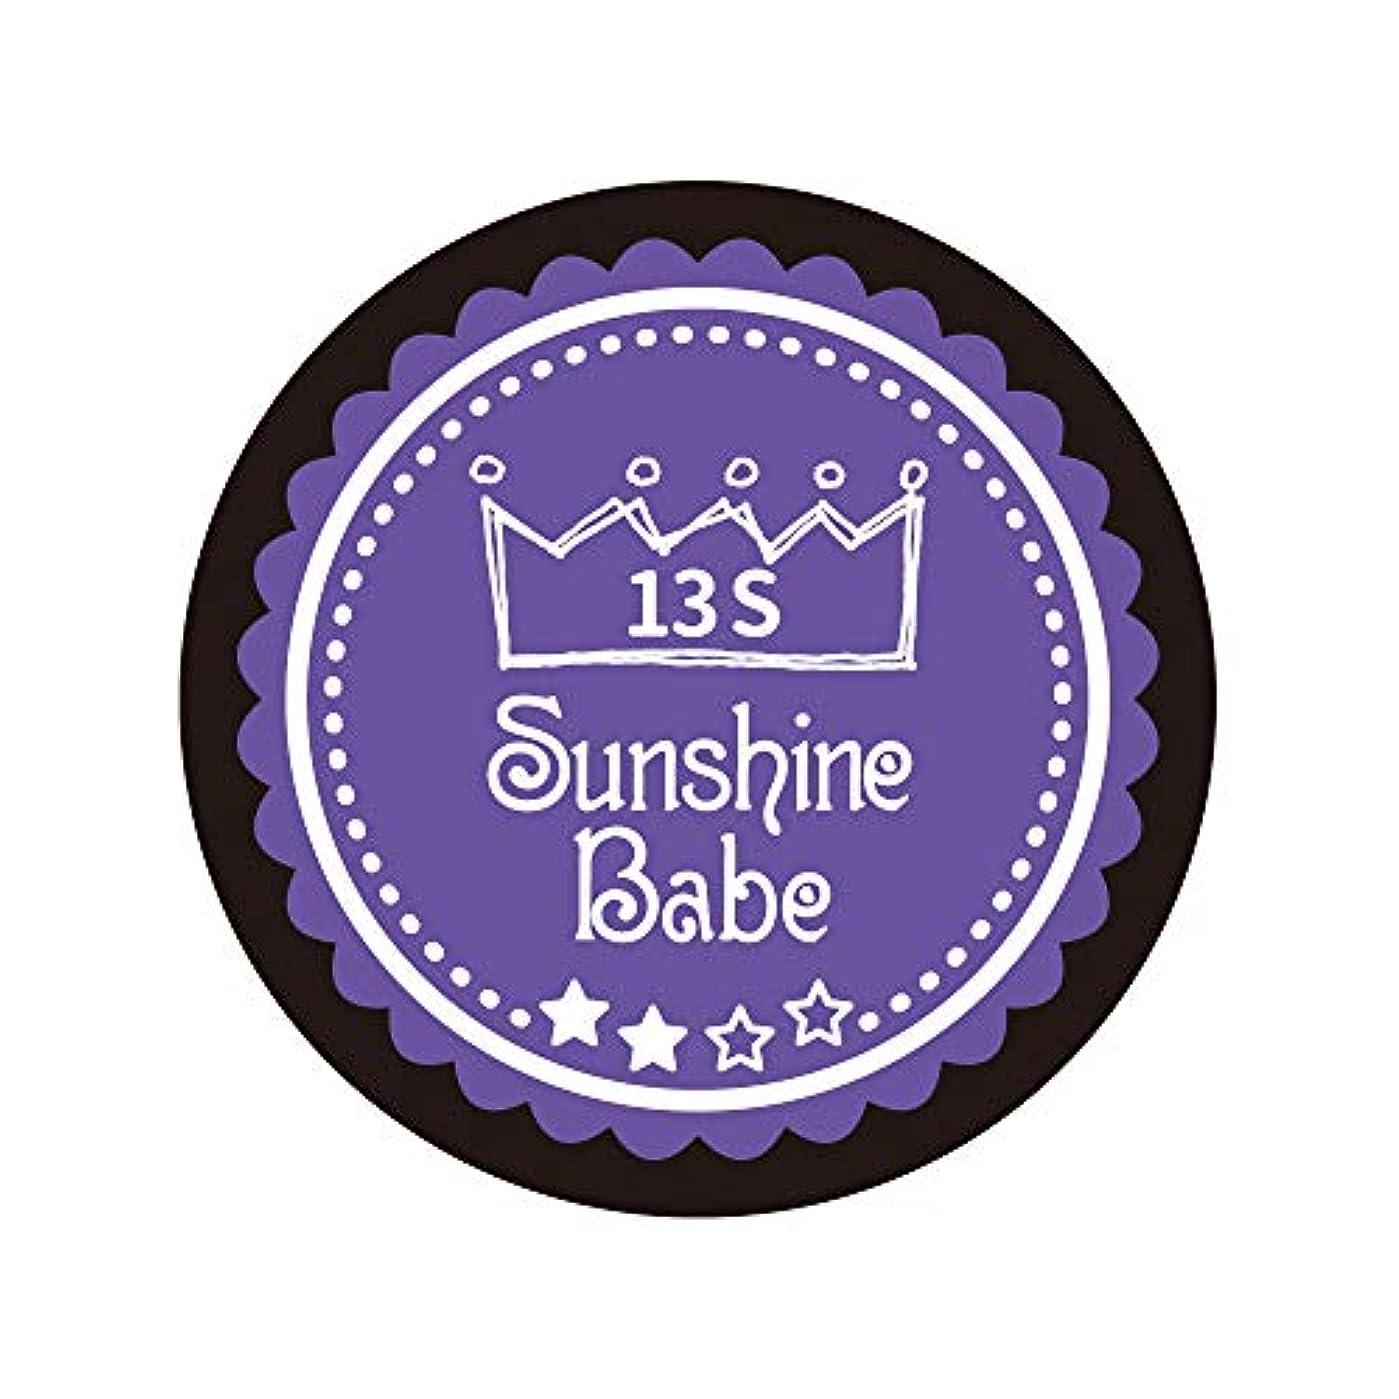 運搬ティーンエイジャーグリップSunshine Babe カラージェル 13S ウルトラバイオレット 2.7g UV/LED対応